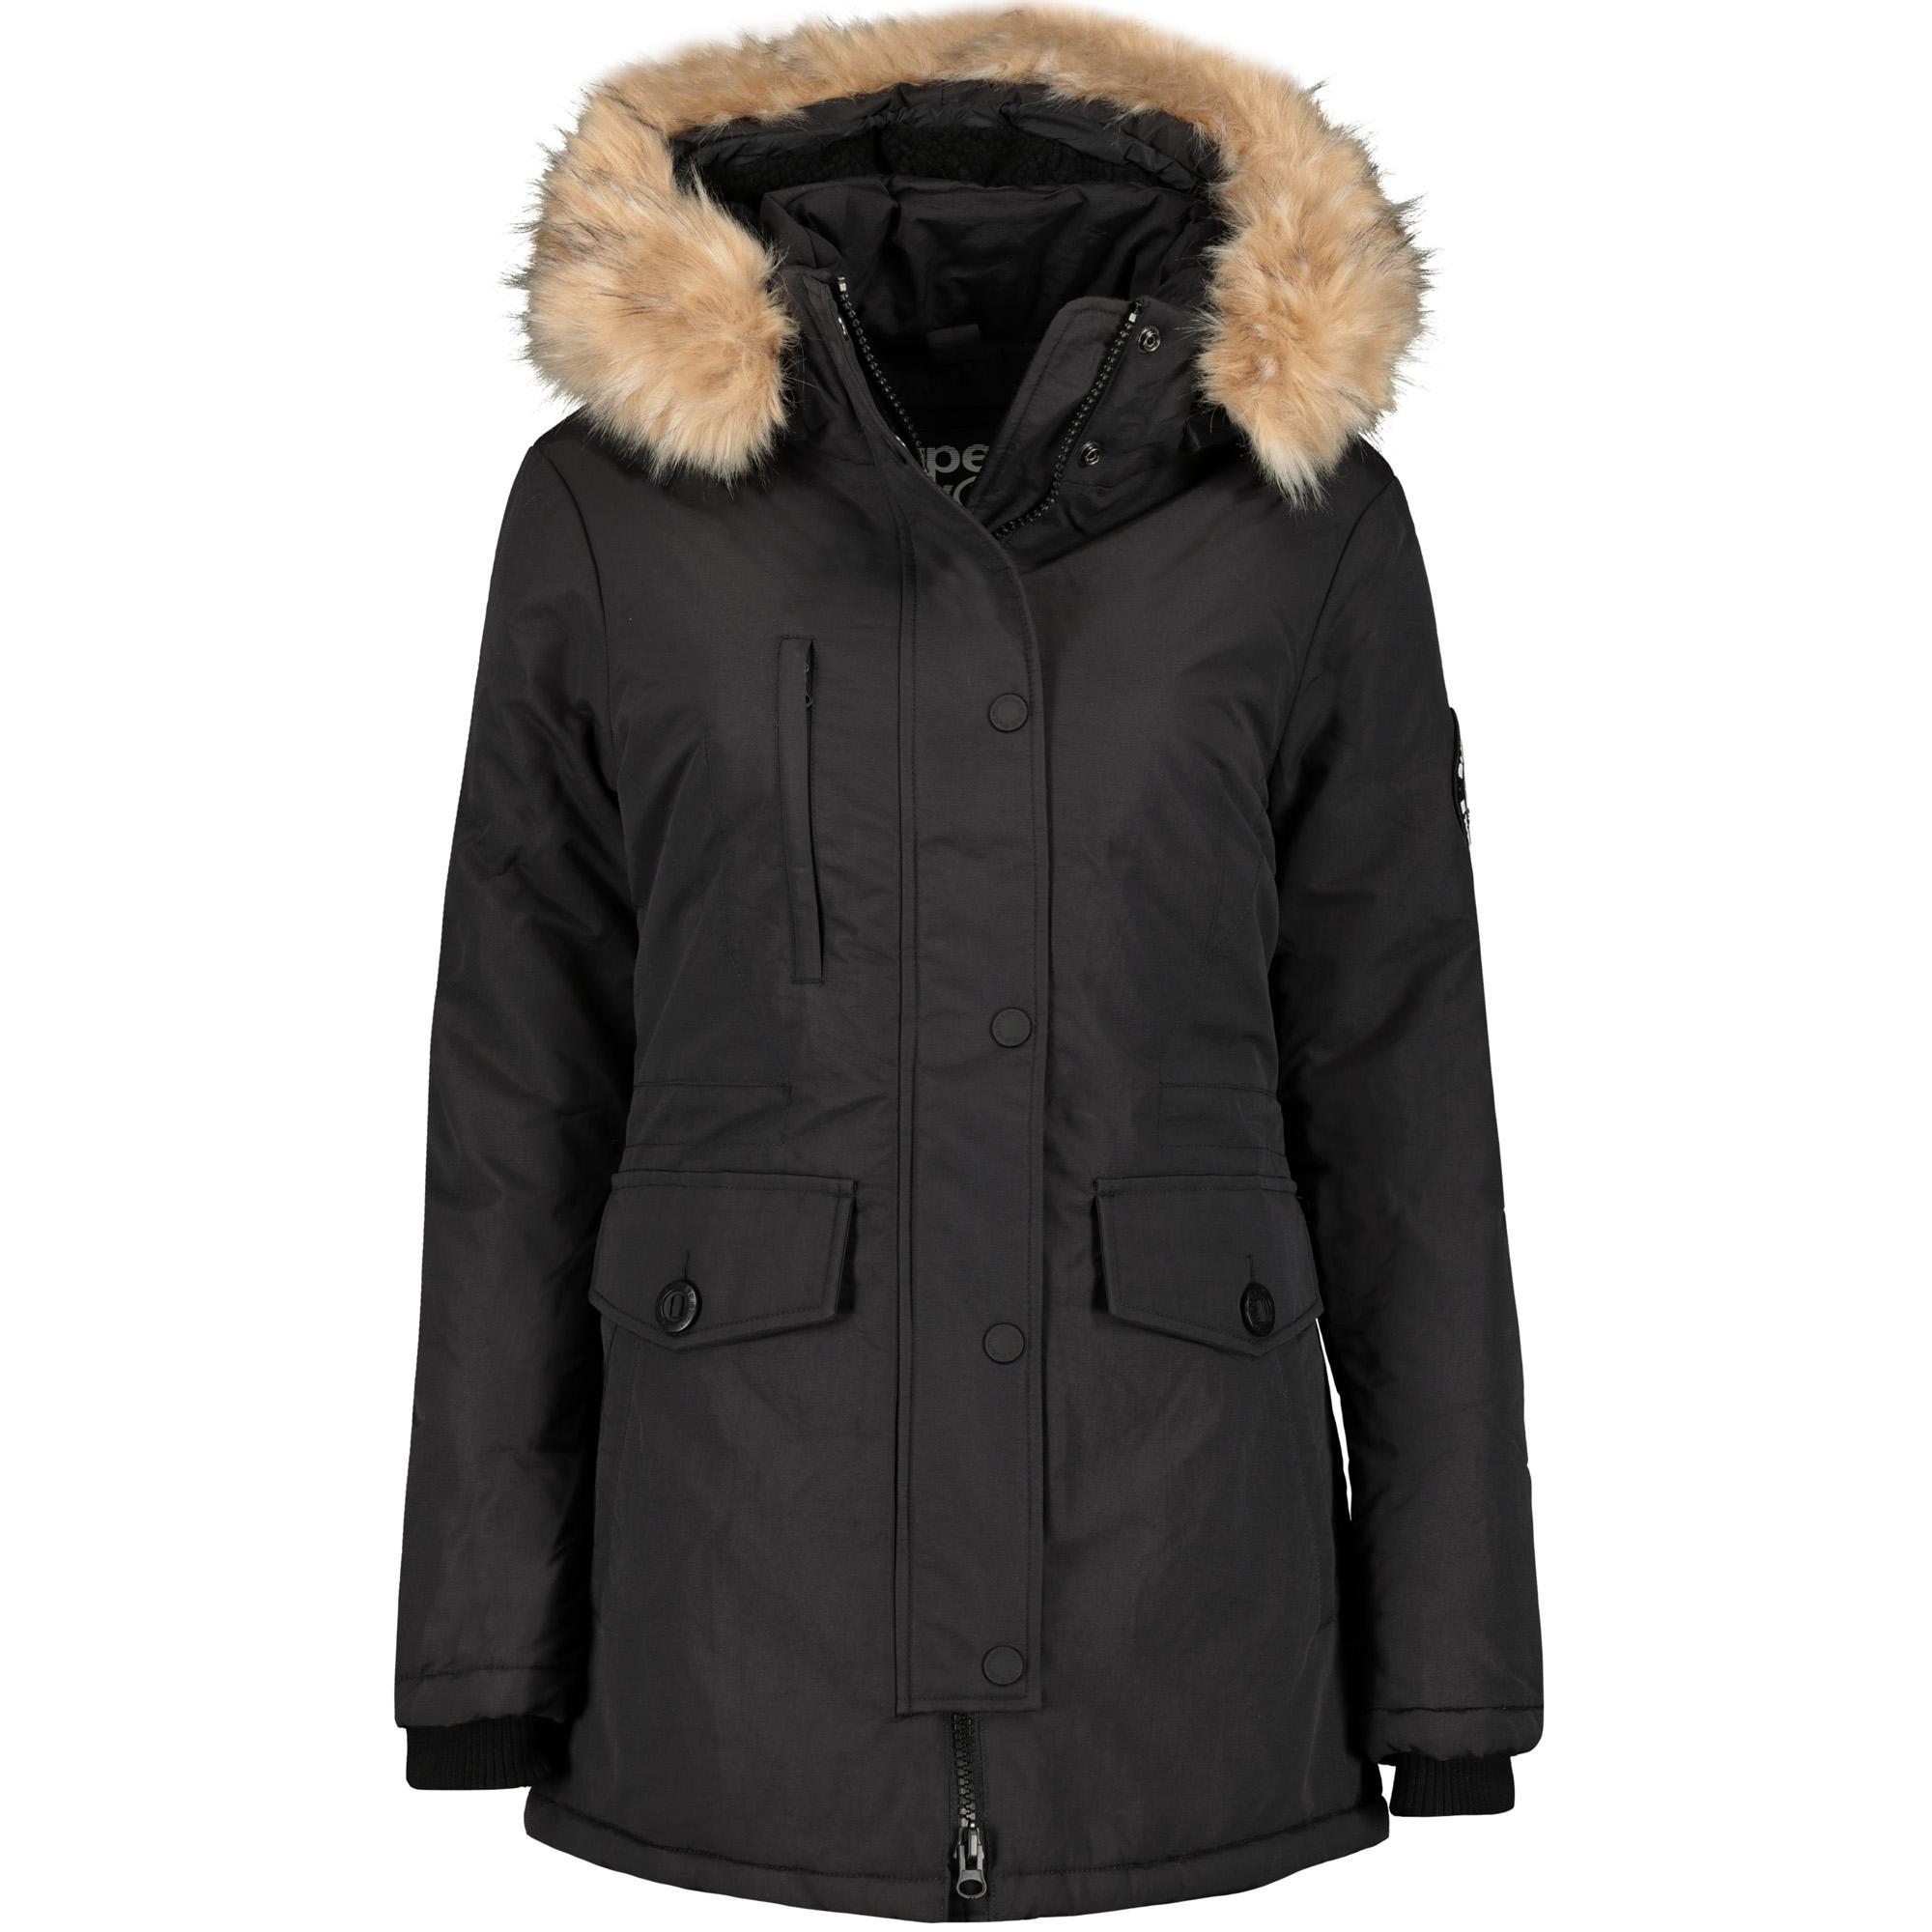 online retailer 23c6b 45cd9 Superdry Ashley Everest Parka Damen Winterjacke black Women Jacken & Mäntel  Winterjacke